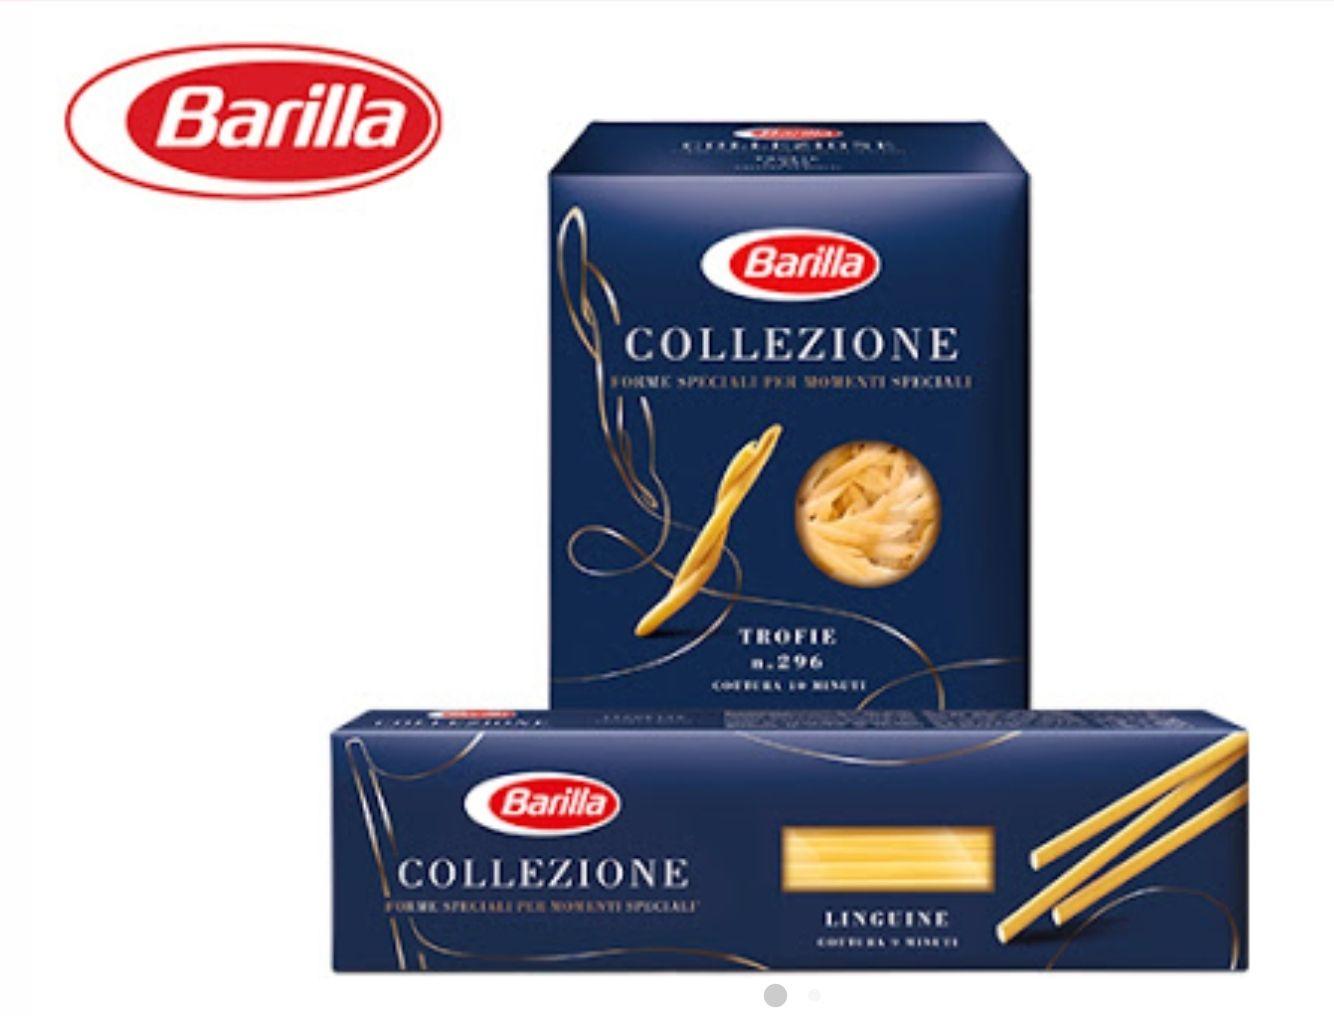 2x 500 g Barilla Collezione für je 0,24/0,29€ mit Billa Plus Sticker oder Spar/Maximarkt und Cashback über Scondoo